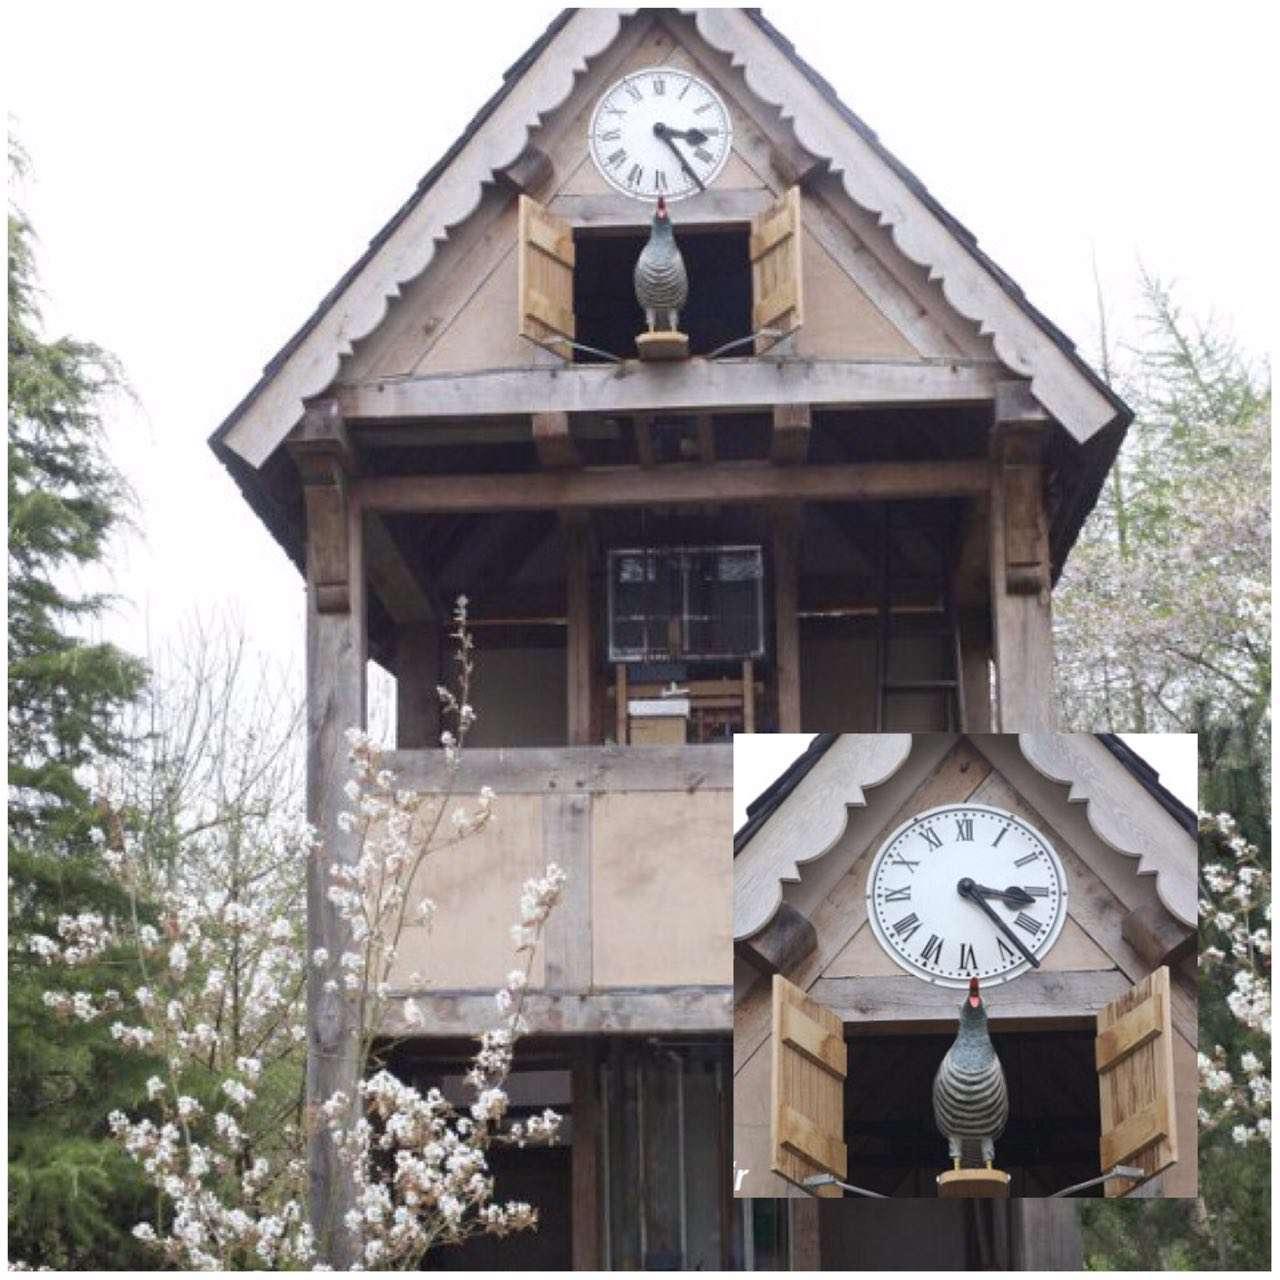 یک پیرمرد انگلیسی پس از 3 سال تلاش توانست بزرگترین ساعت کوکویی دنیا را بسازد.  این ساعت دقیقا به اندازه یک خانه واقعی وسعت دارد و 8 متر ارتفاع دارد